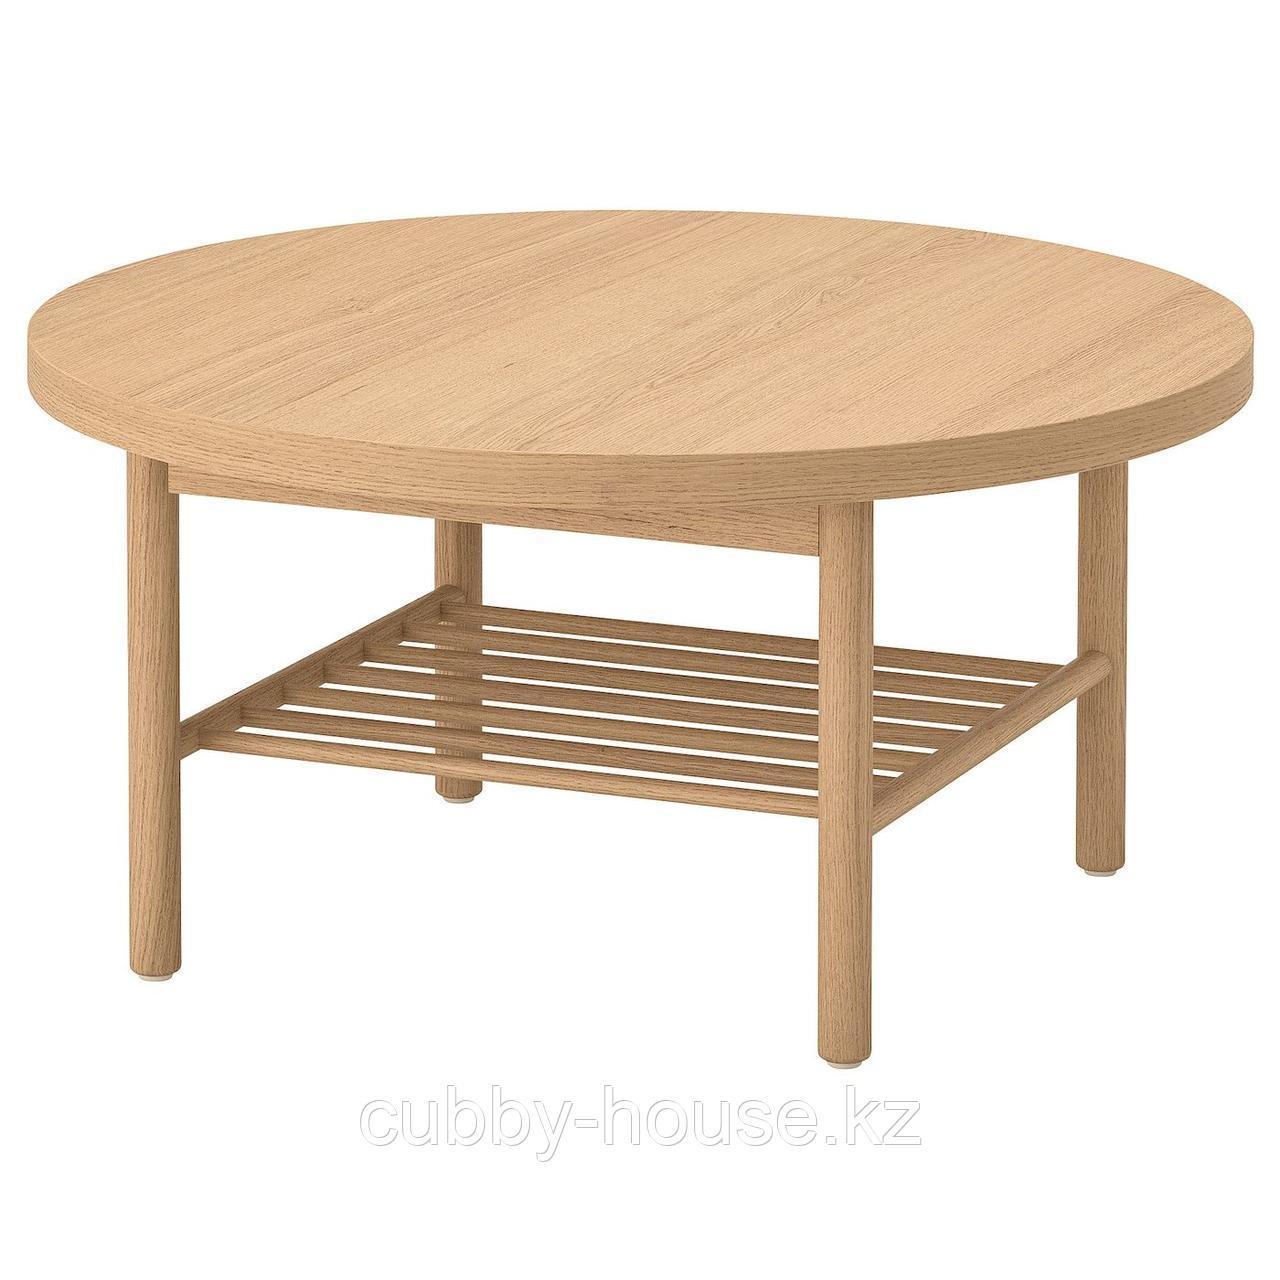 ЛИСТЕРБИ Журнальный стол, белая морилка дуб, 90 см